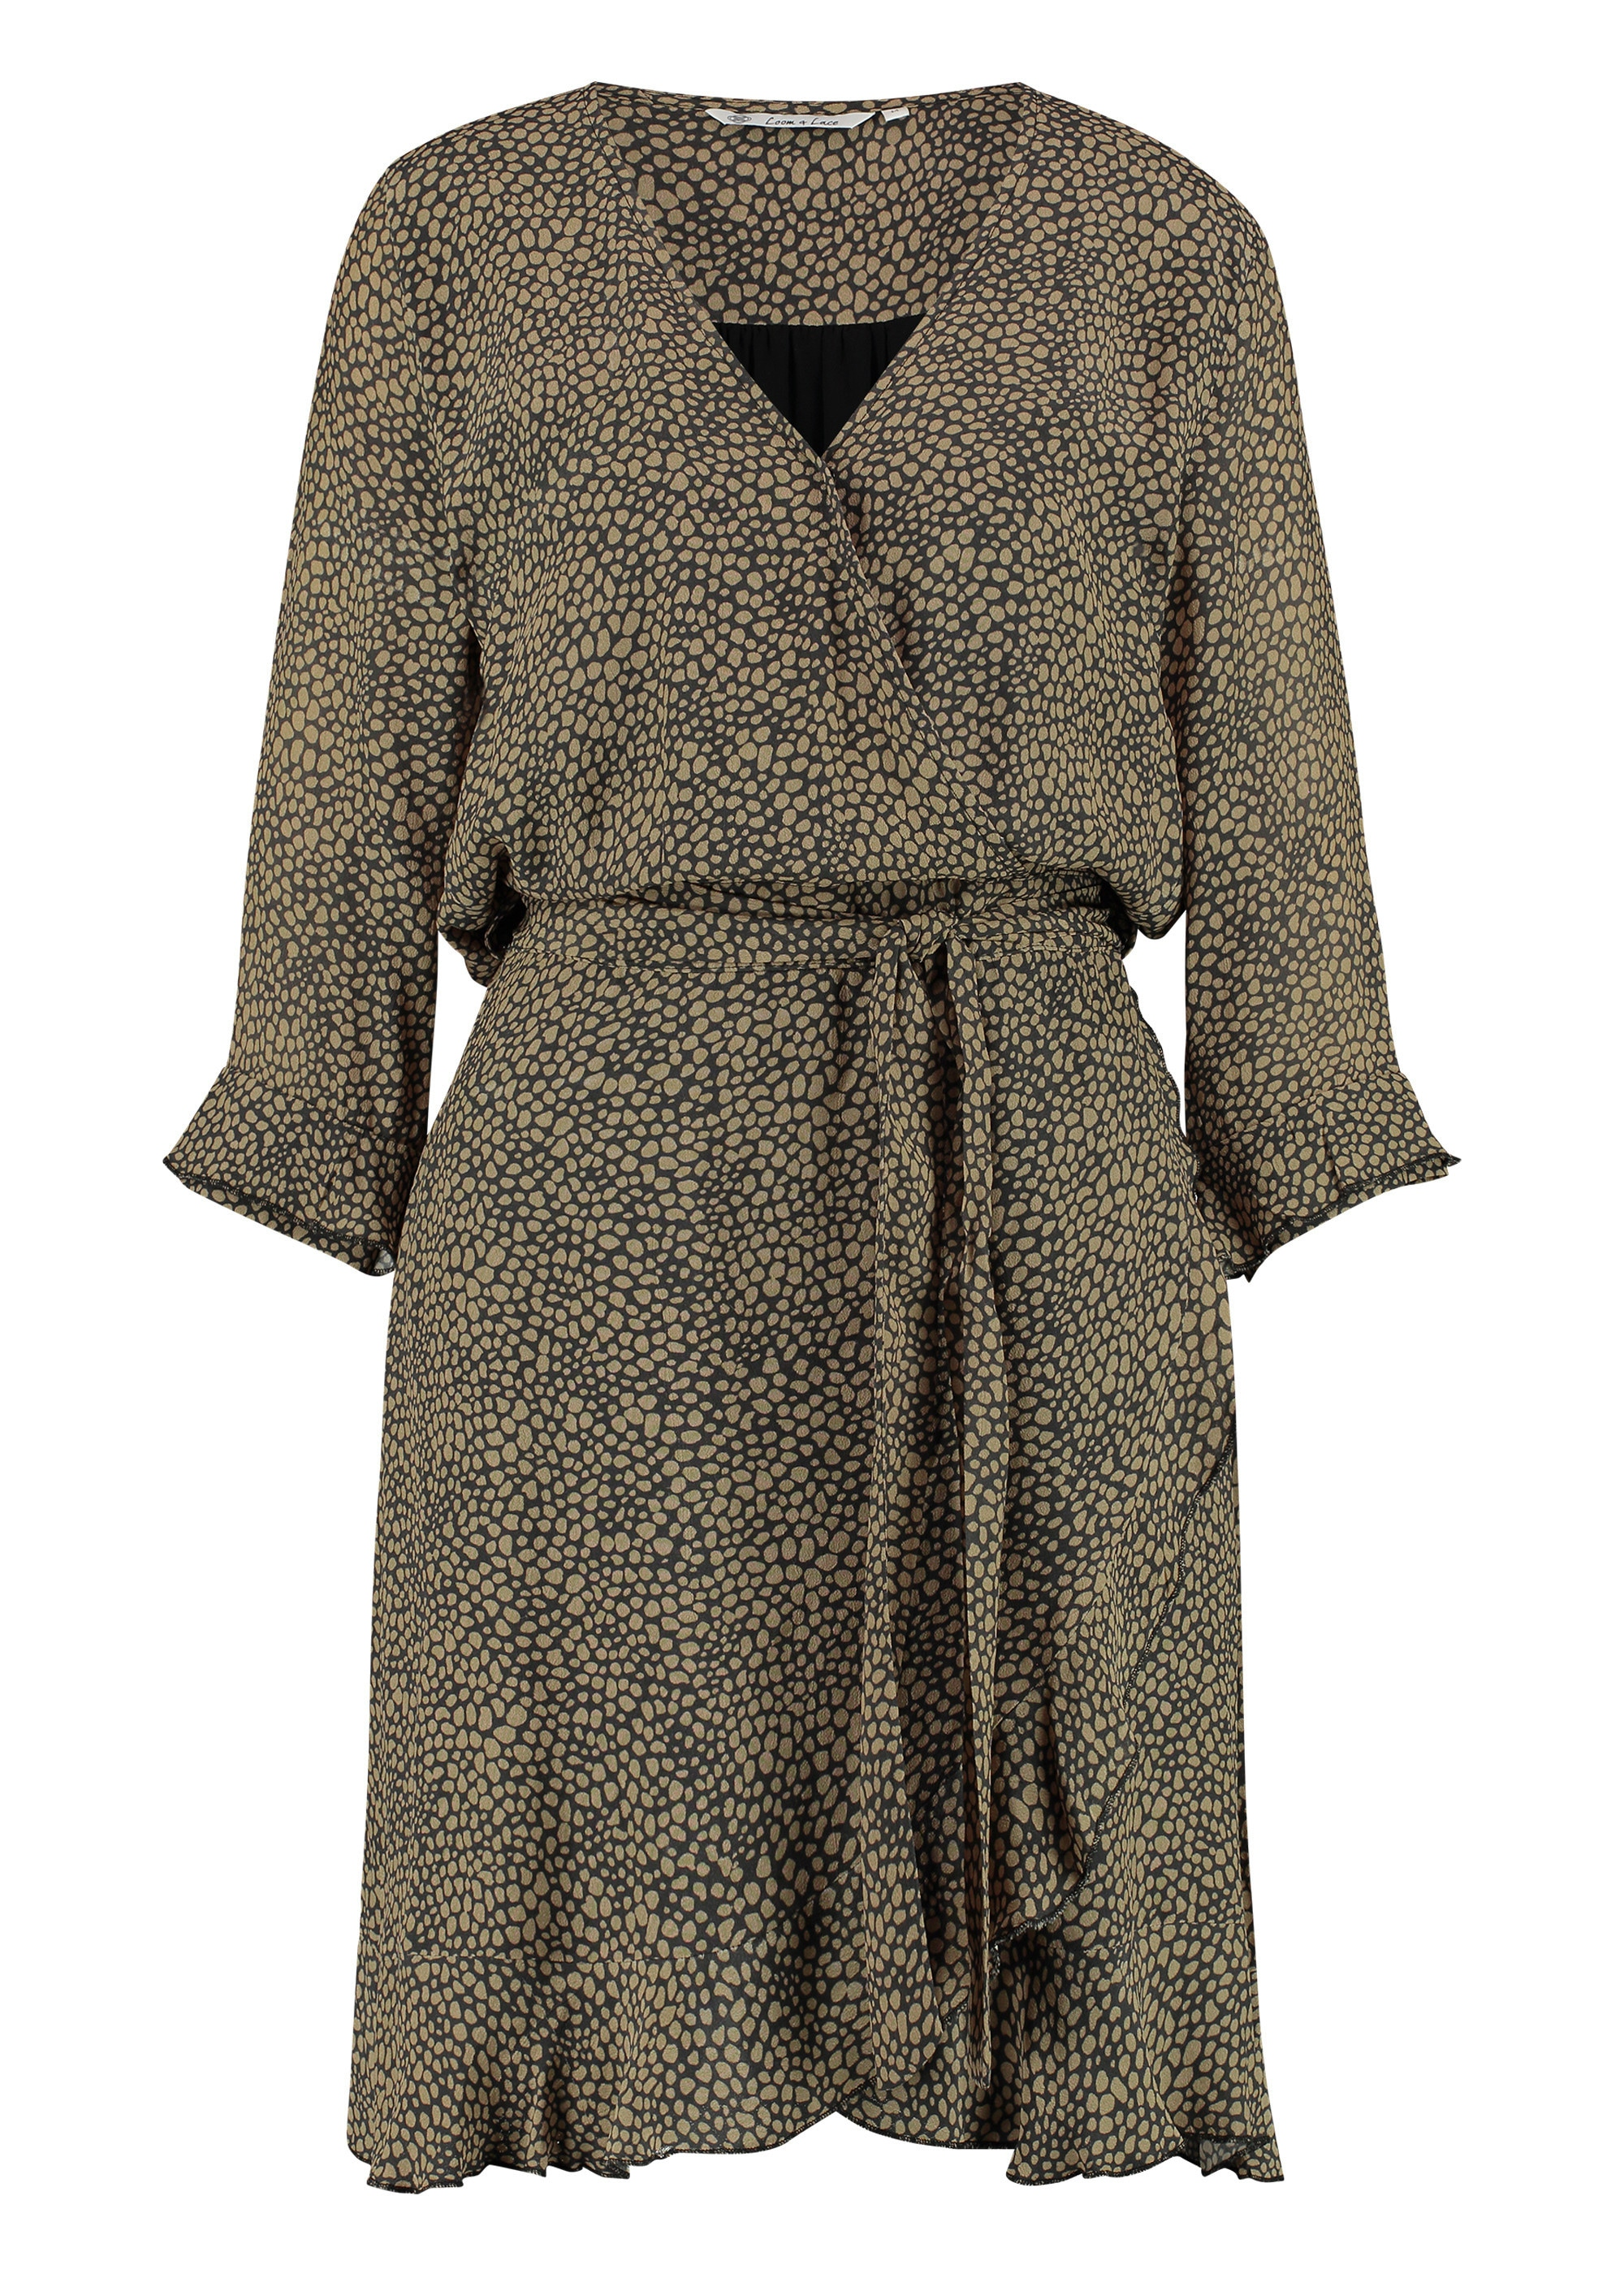 Loom&Lace Druckkleid mit Bindegürtel Penny | Bekleidung > Kleider > Druckkleider | Loom&Lace